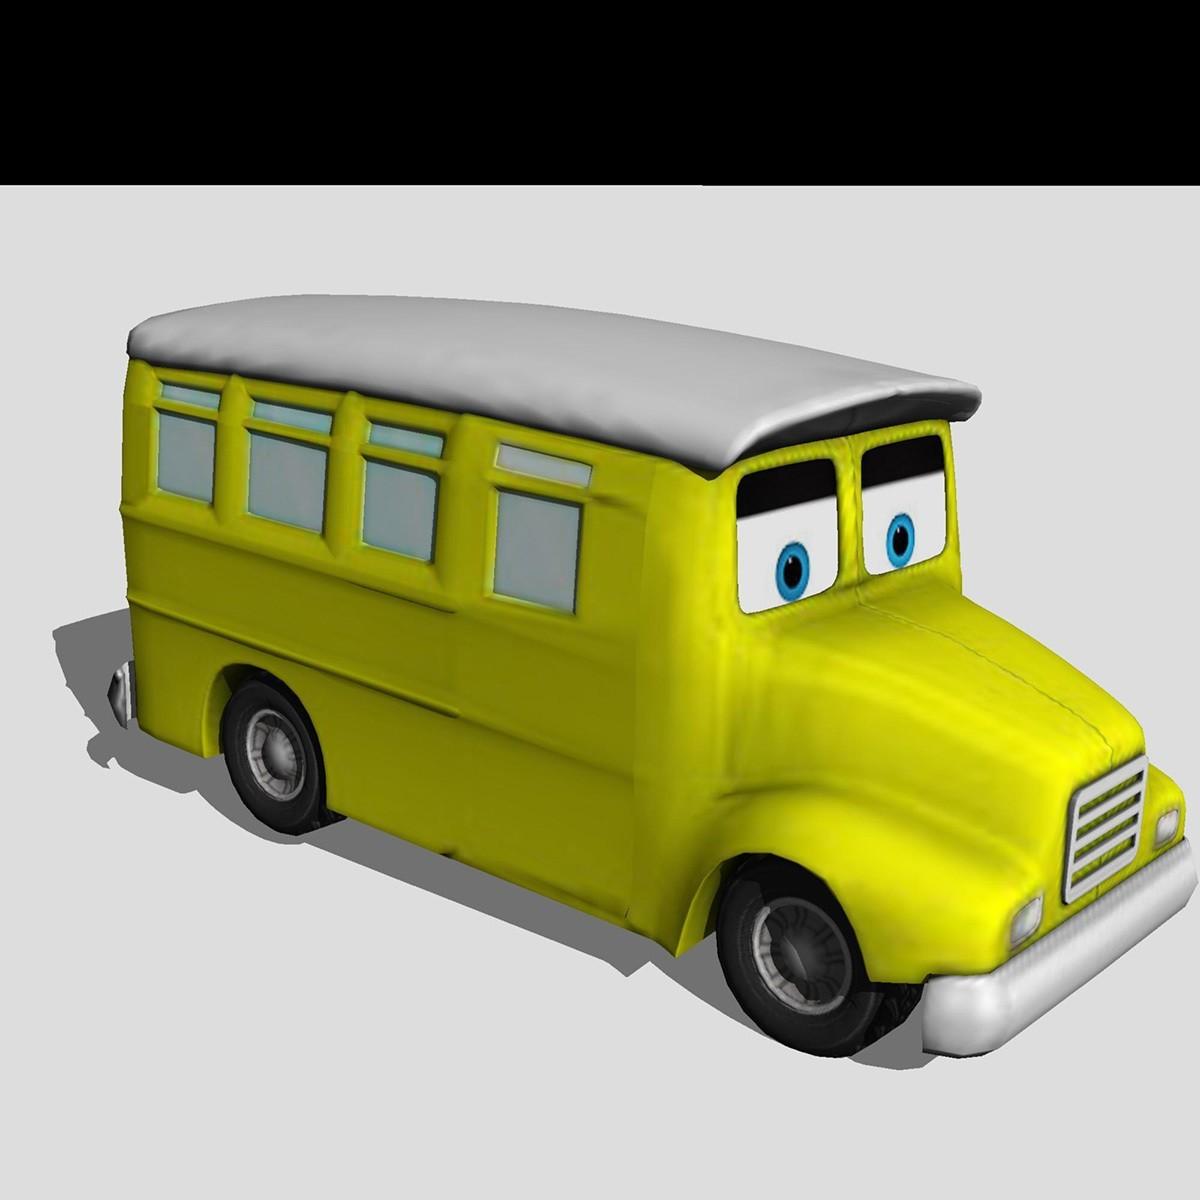 transport_pack_0004.jpg Download STL file School Bus • 3D printer design, scifikid